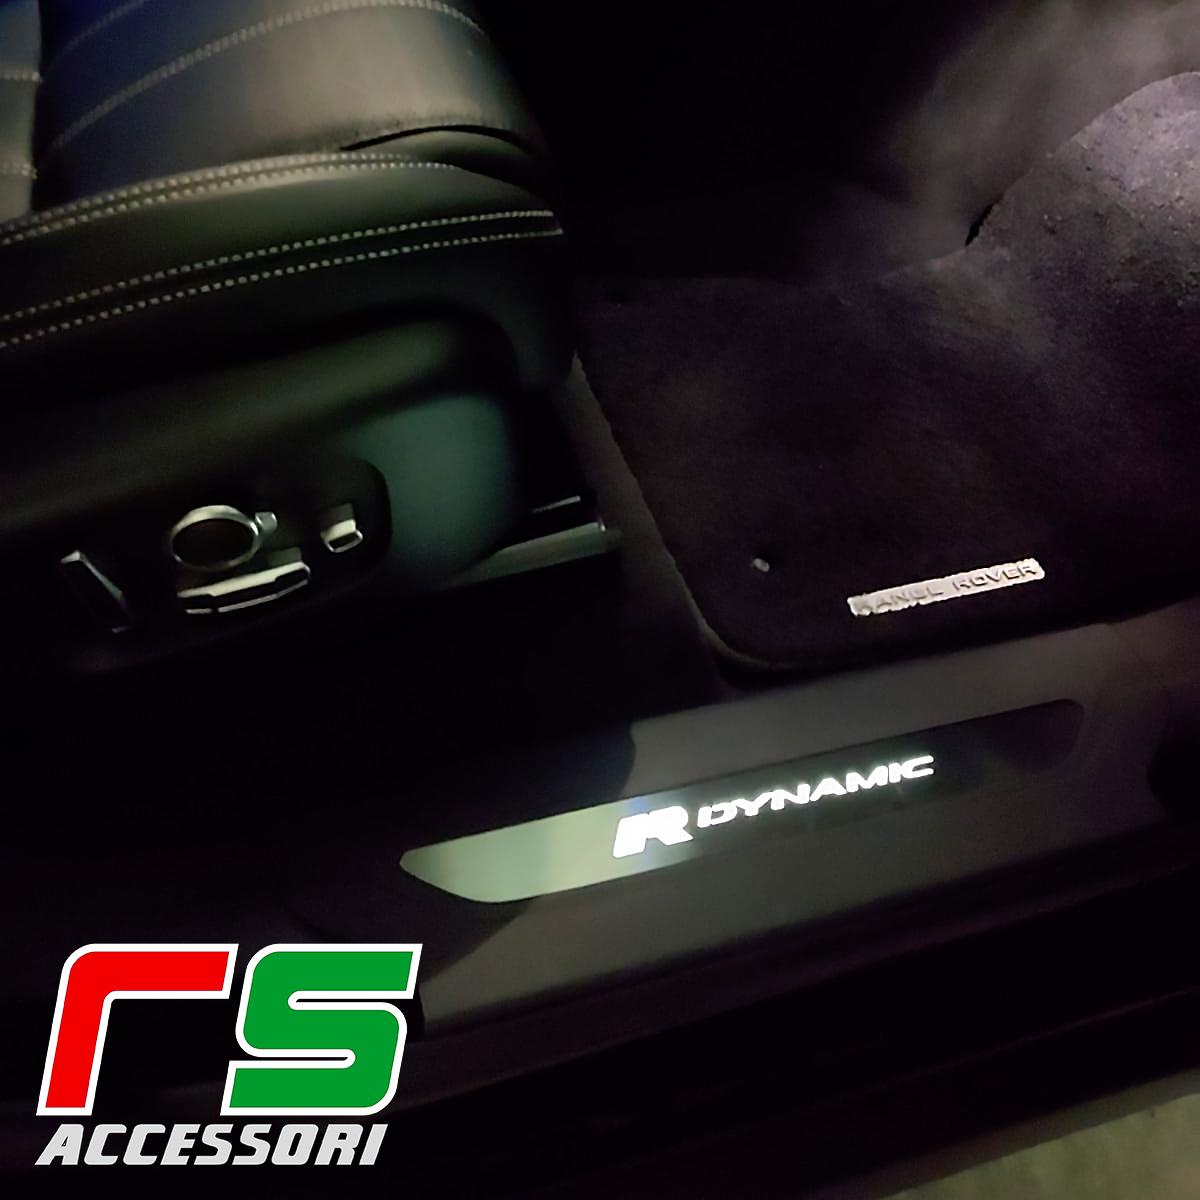 Range Rover Velar battitacco sottoporta luminoso Rdynamic